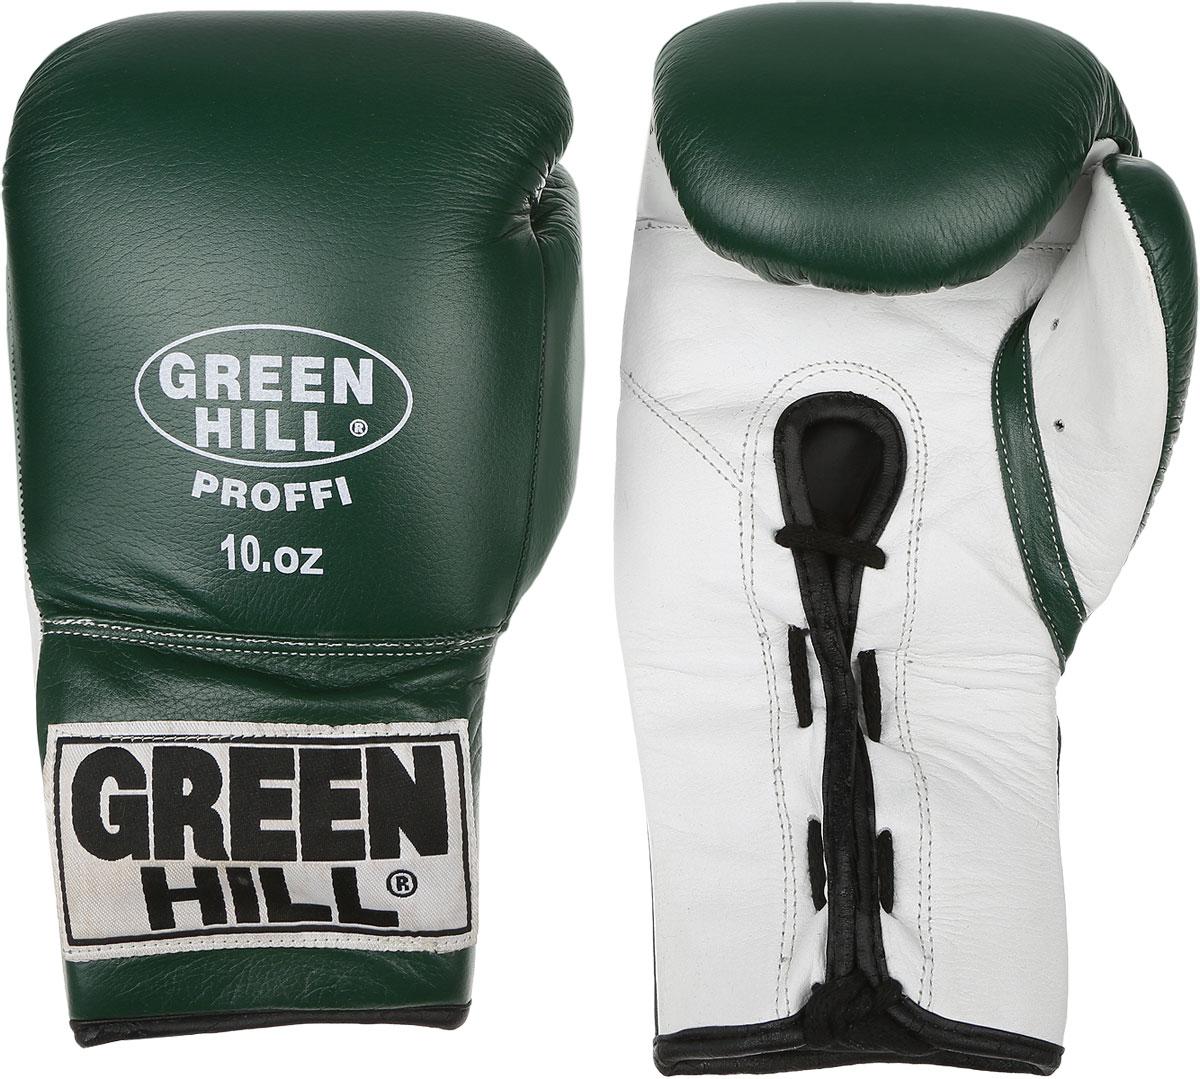 Перчатки боксерские Green Hill Proffi, цвет: зеленый, белый. Вес 10 унций. BGP-2014AIRWHEEL M3-162.8Боксерские перчатки Green Hill Proffi предназначены для использования профессионалами. Верх выполнен из натуральной кожи, наполнитель - из вспененного полимера. Отверстие в области ладони позволяет создать максимально комфортный терморежим во время занятий. Манжет на шнуровке способствует быстрому и удобному надеванию перчаток, плотно фиксирует перчатки на руке.